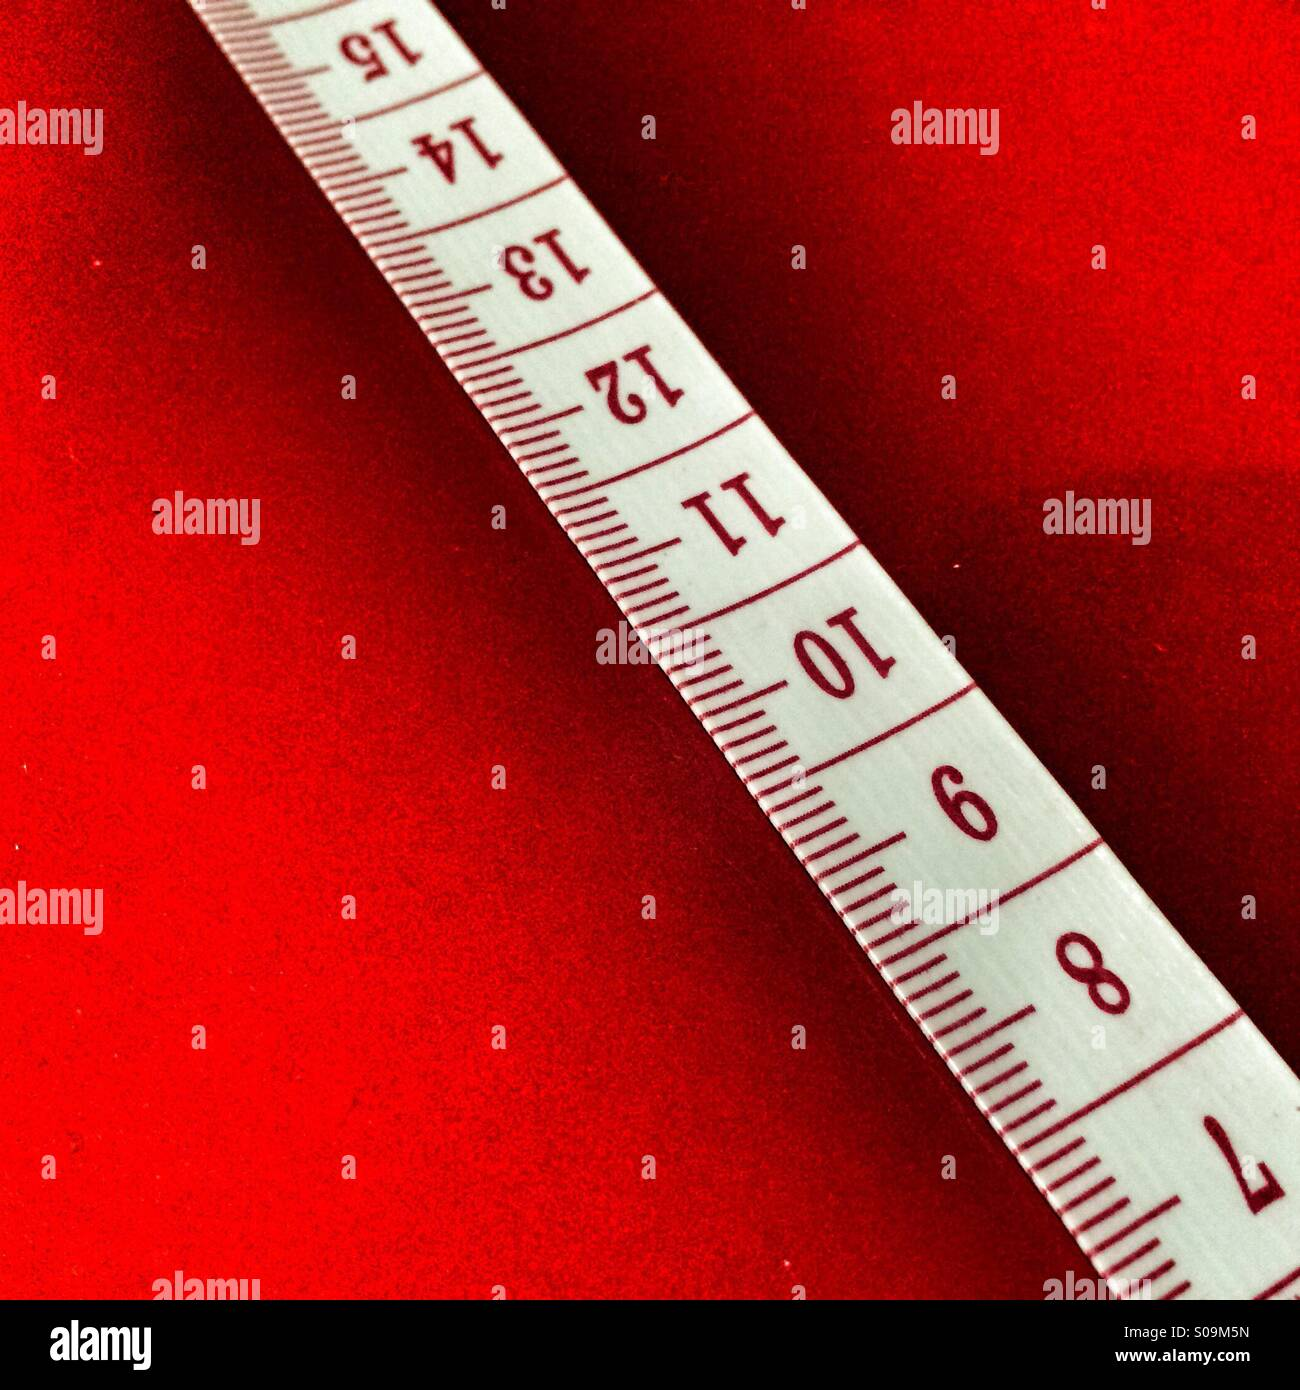 Cinta métrica mostrando centímetros sobre un fondo rojo. Imagen De Stock